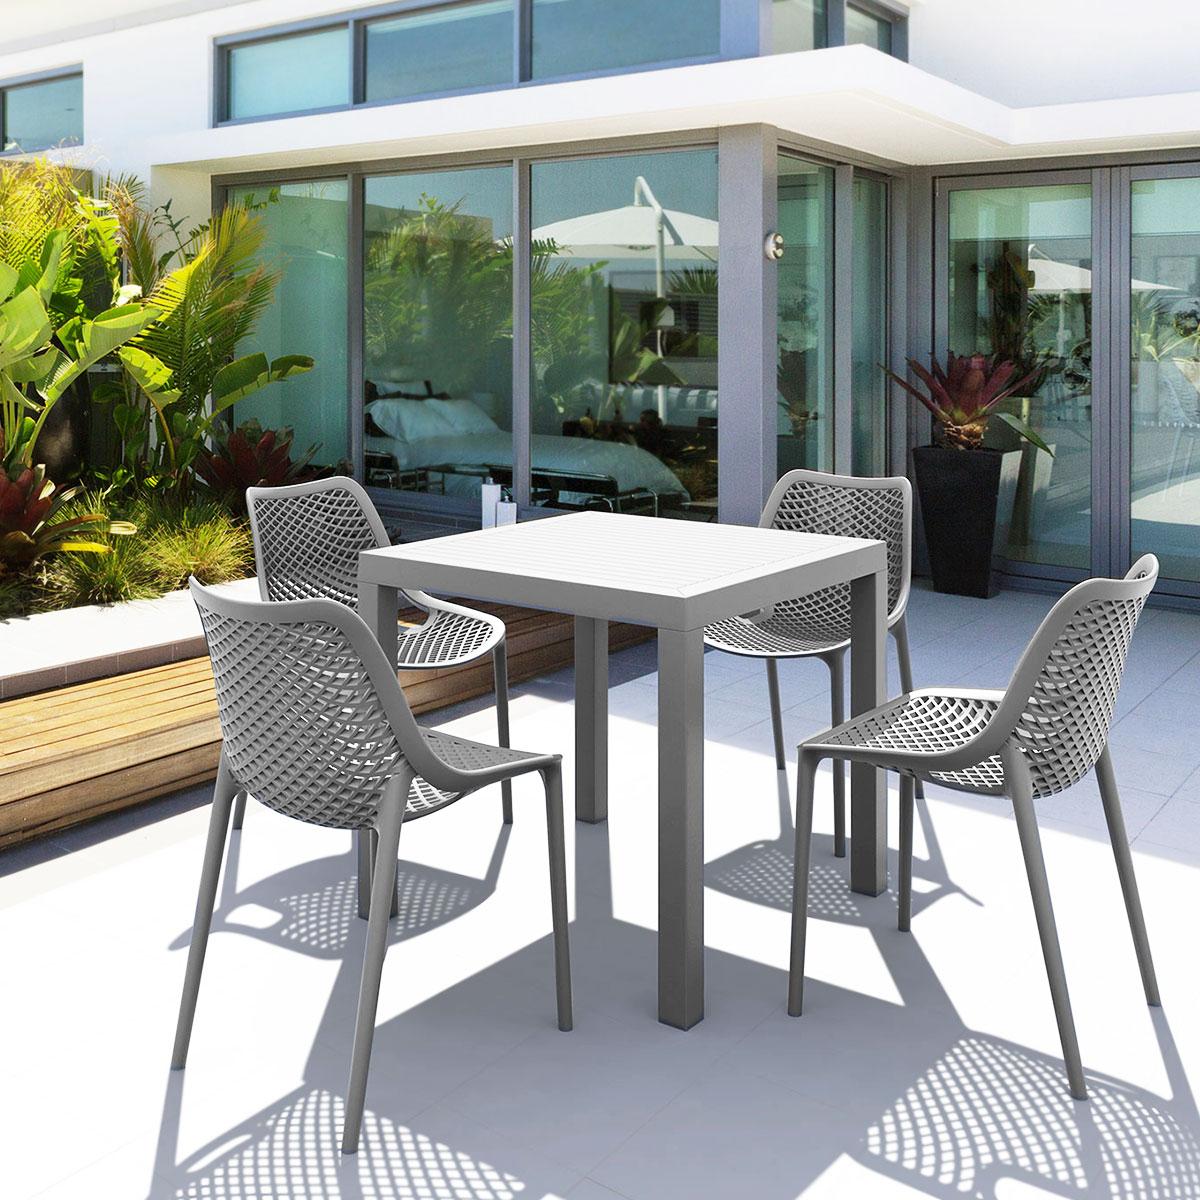 Salon de jardin en polypropylène gris 4 chaises et 1 table carrée, Air